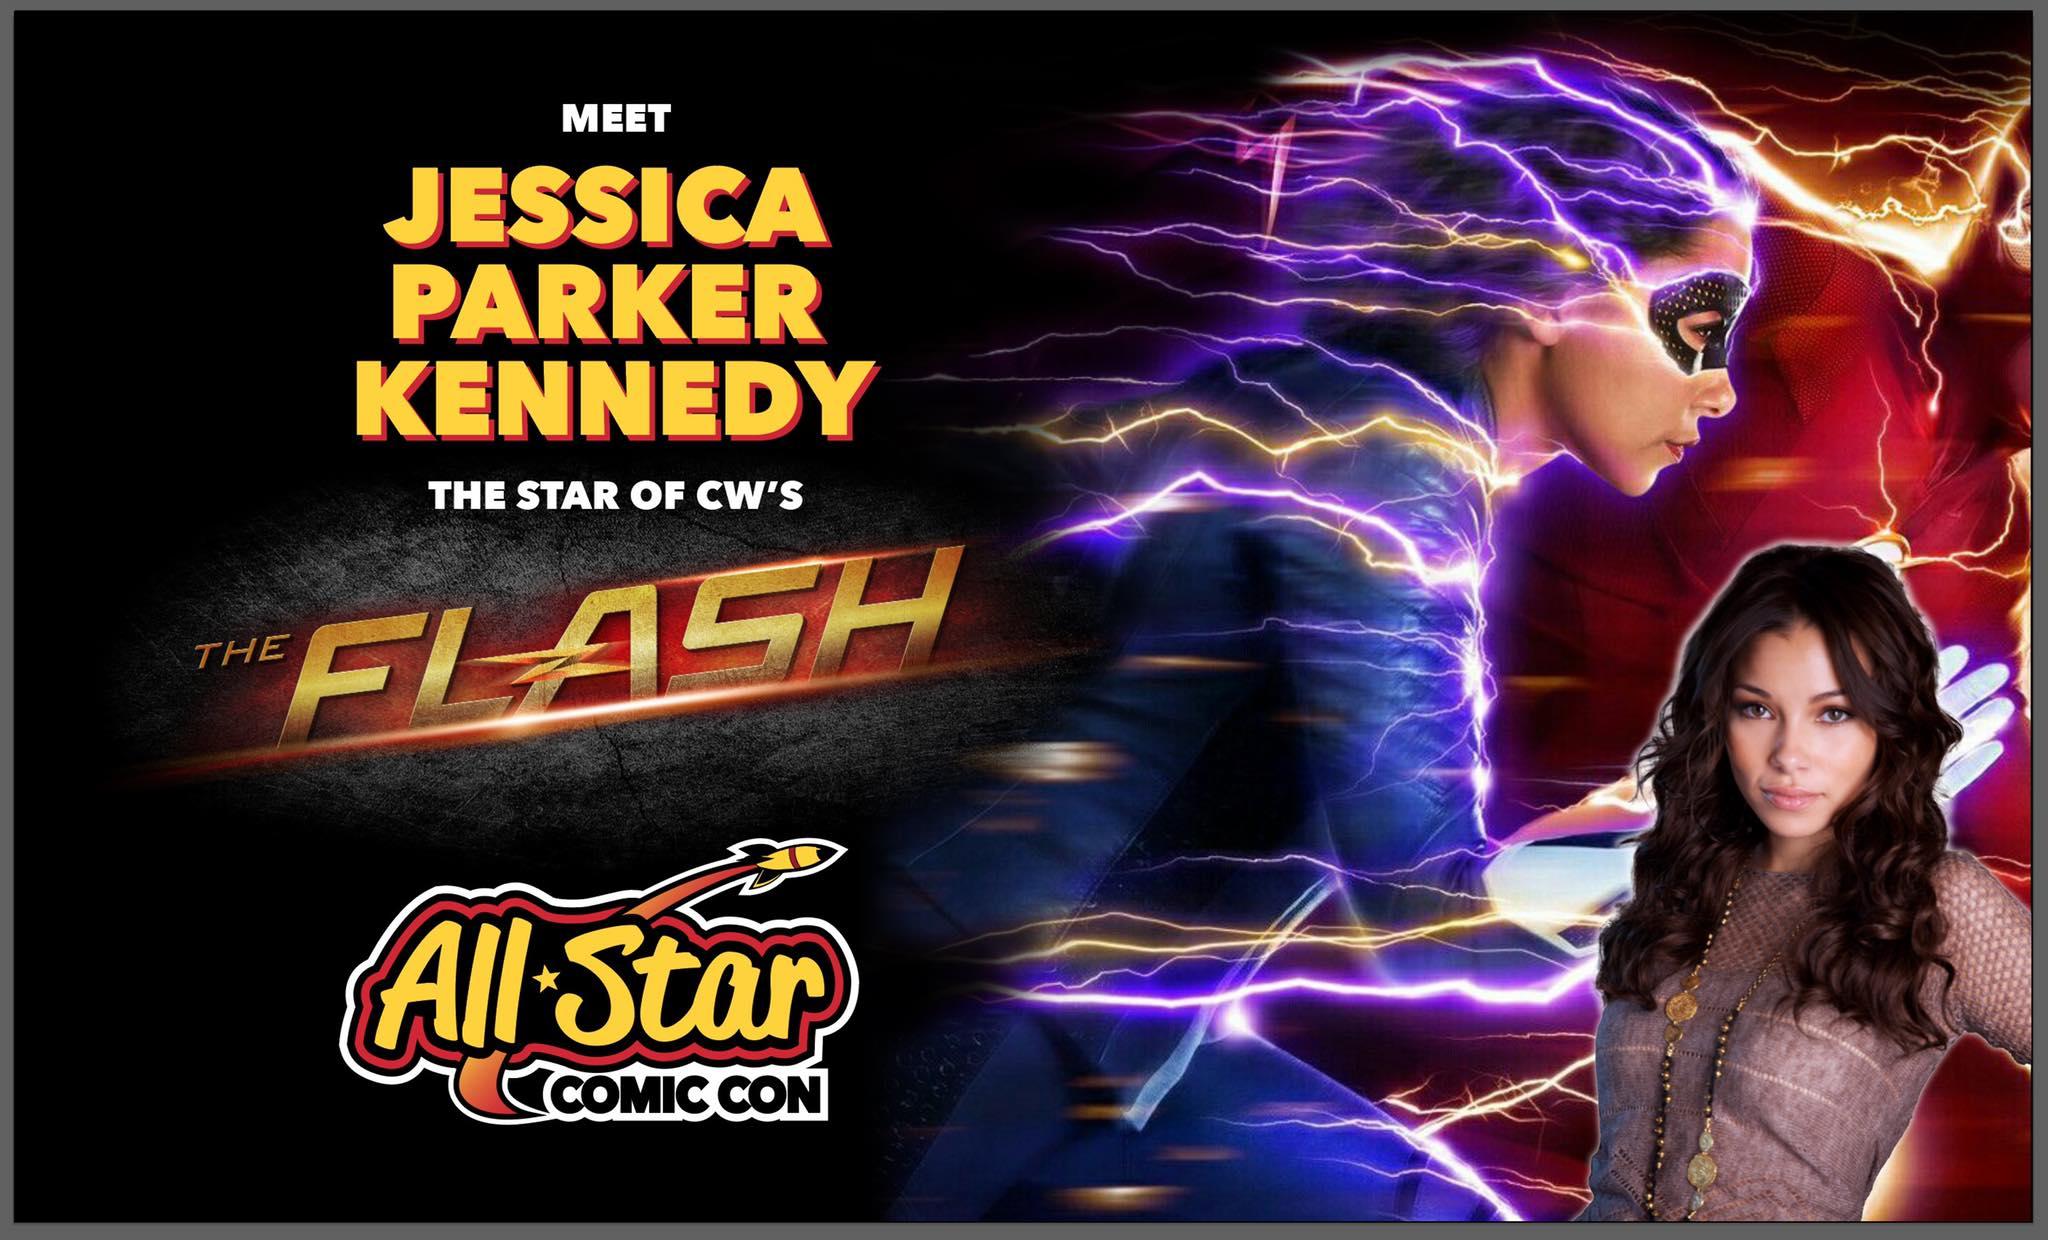 All Star Comic Con ad